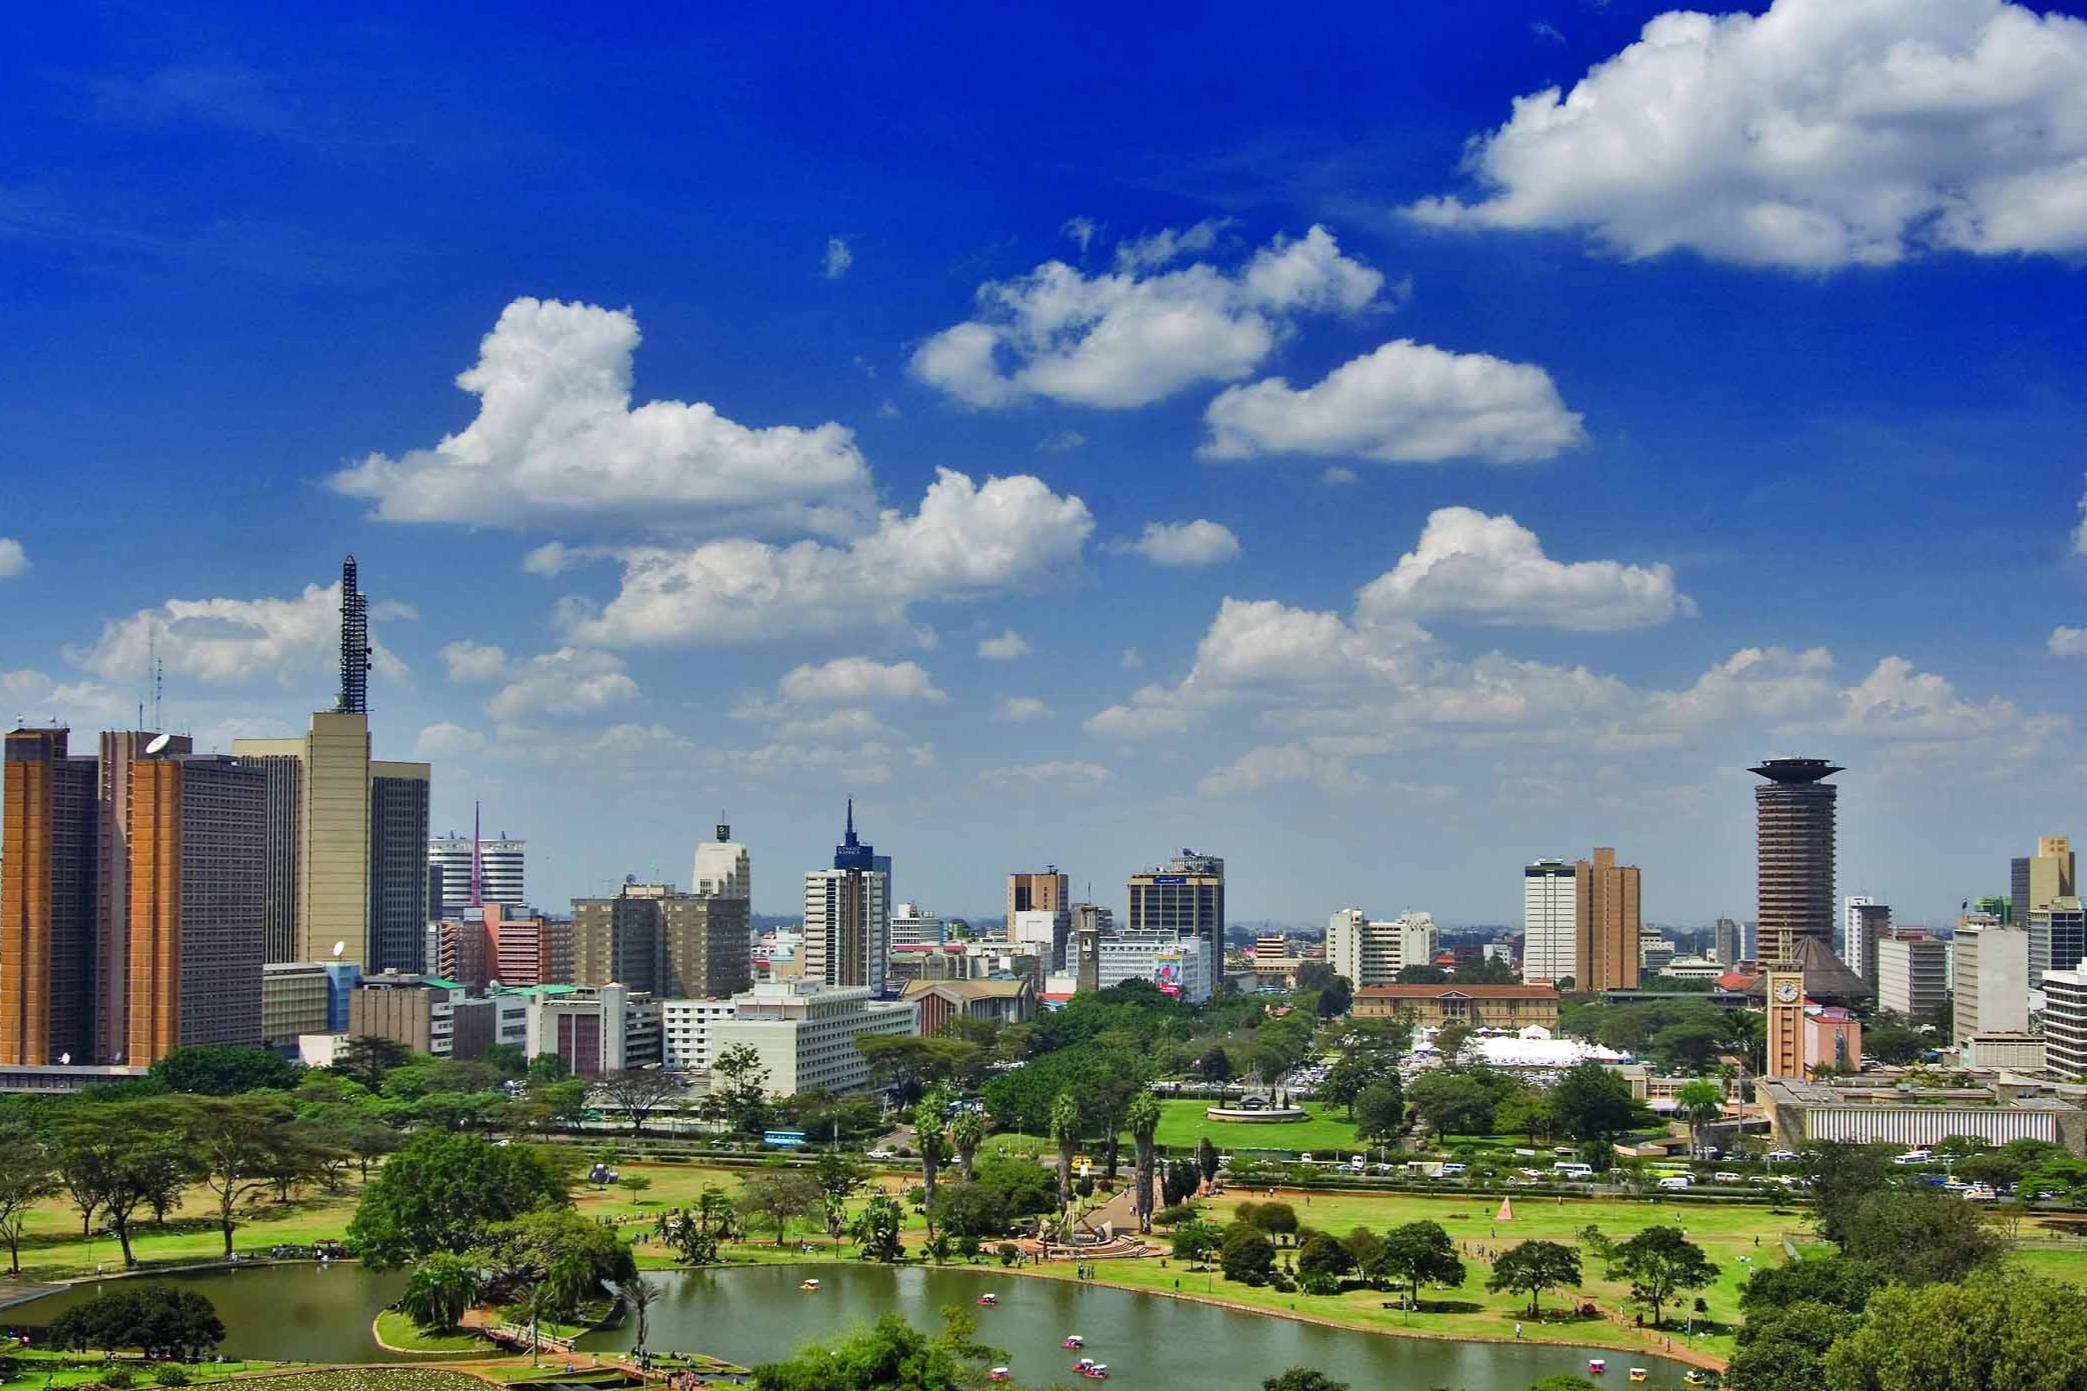 Чтобы избежать грабежей и мародёрства, в Найроби введён комендантский час. В это время полицейским разрешено стрелять по нарушителям